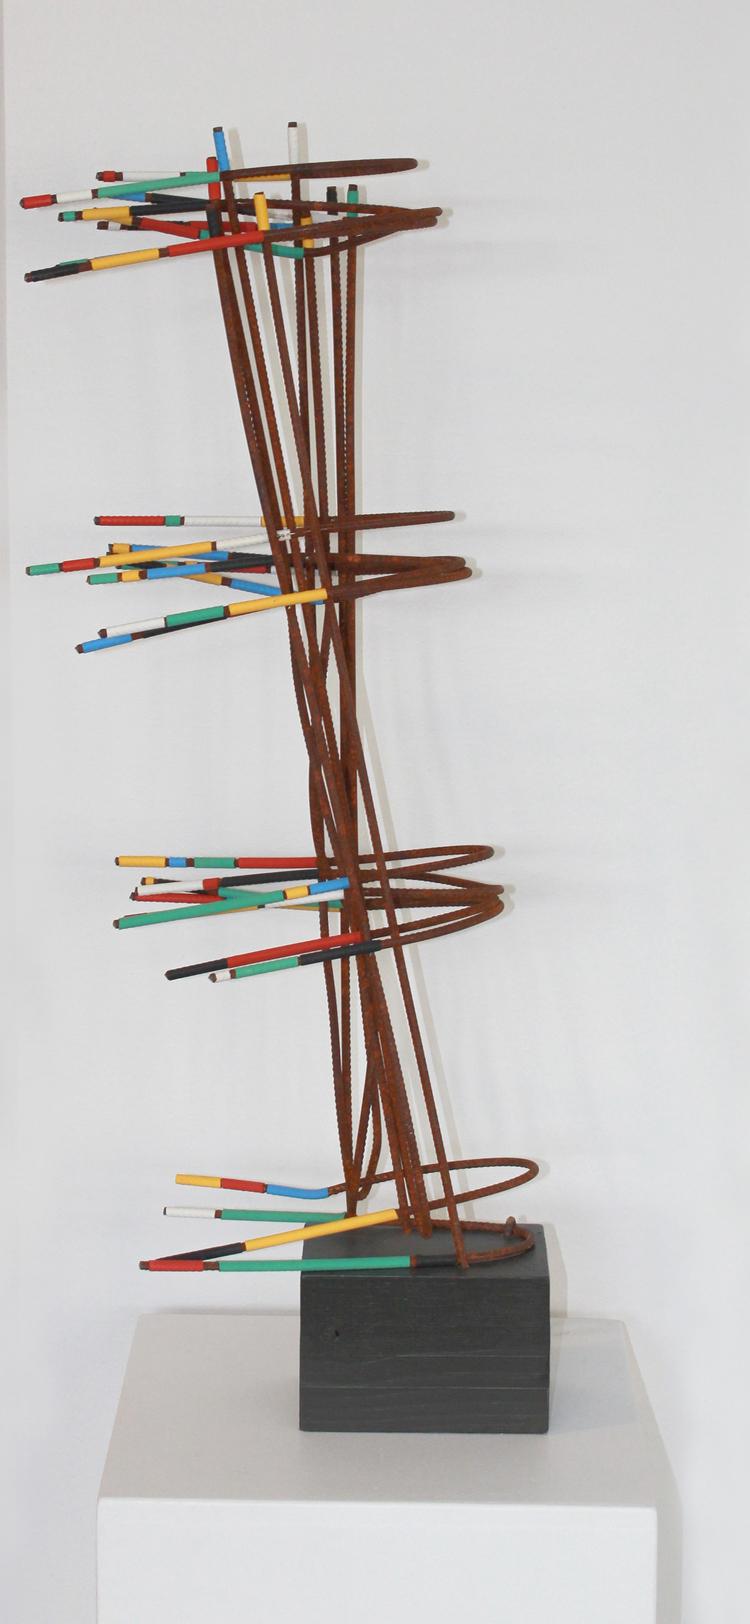 'Lighthouse', 2017, ett konstverk av MADEBYUS